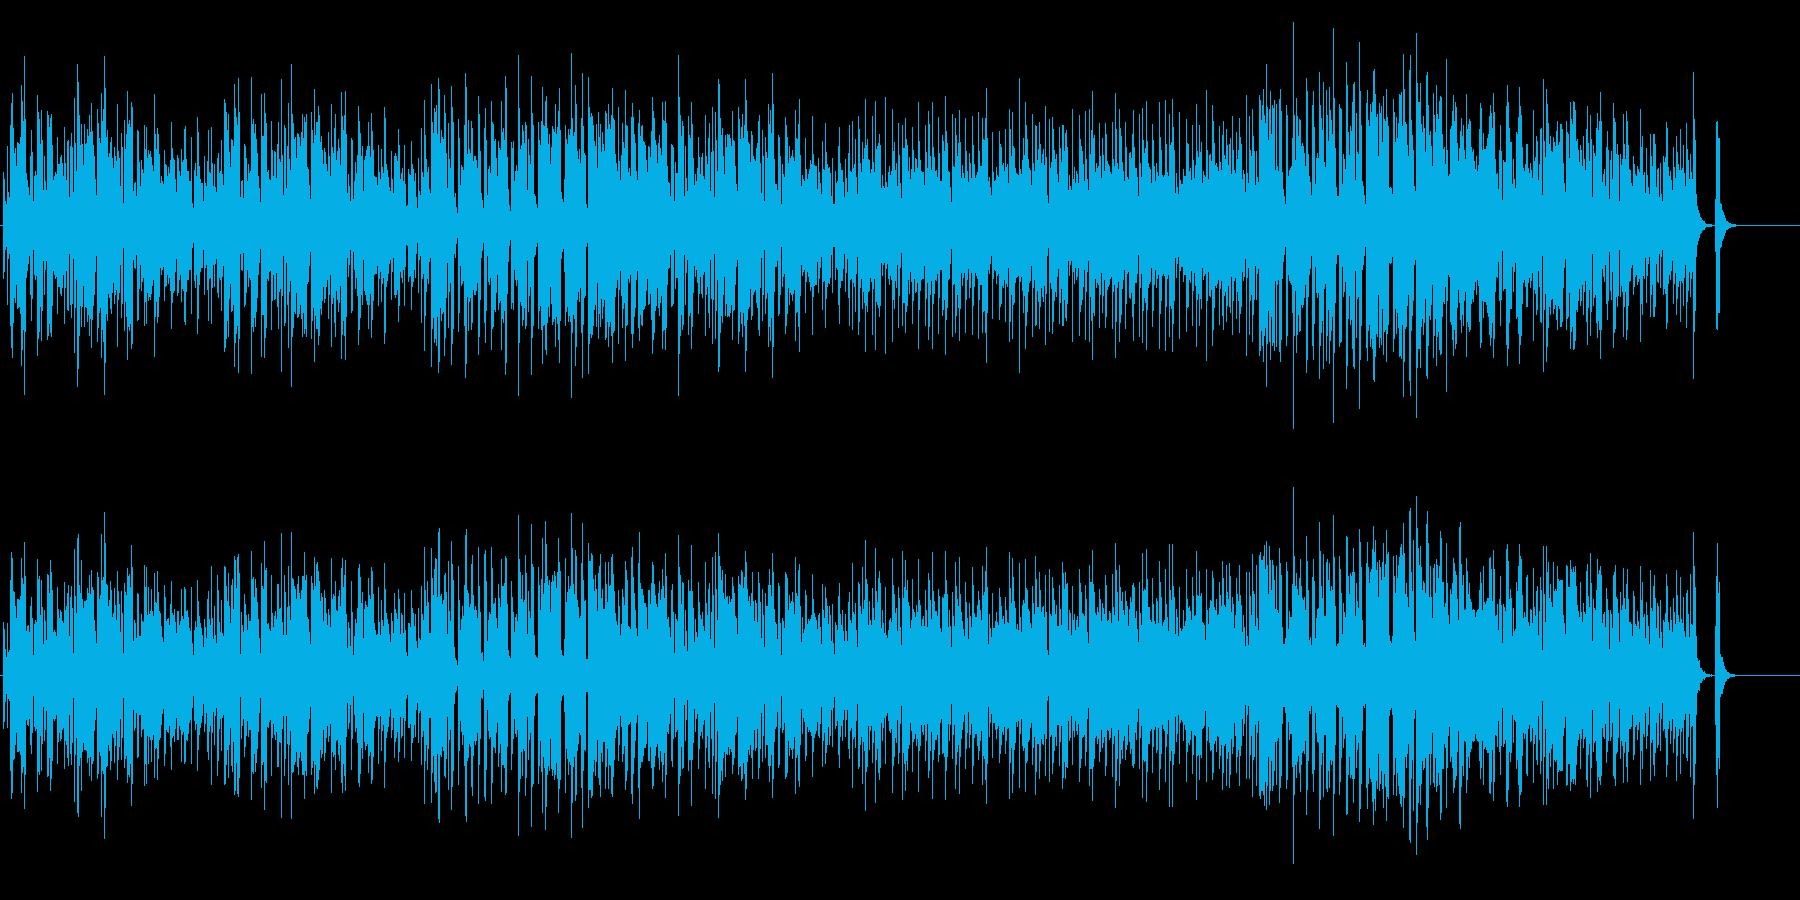 エスニック風味のメランコリックなポップスの再生済みの波形